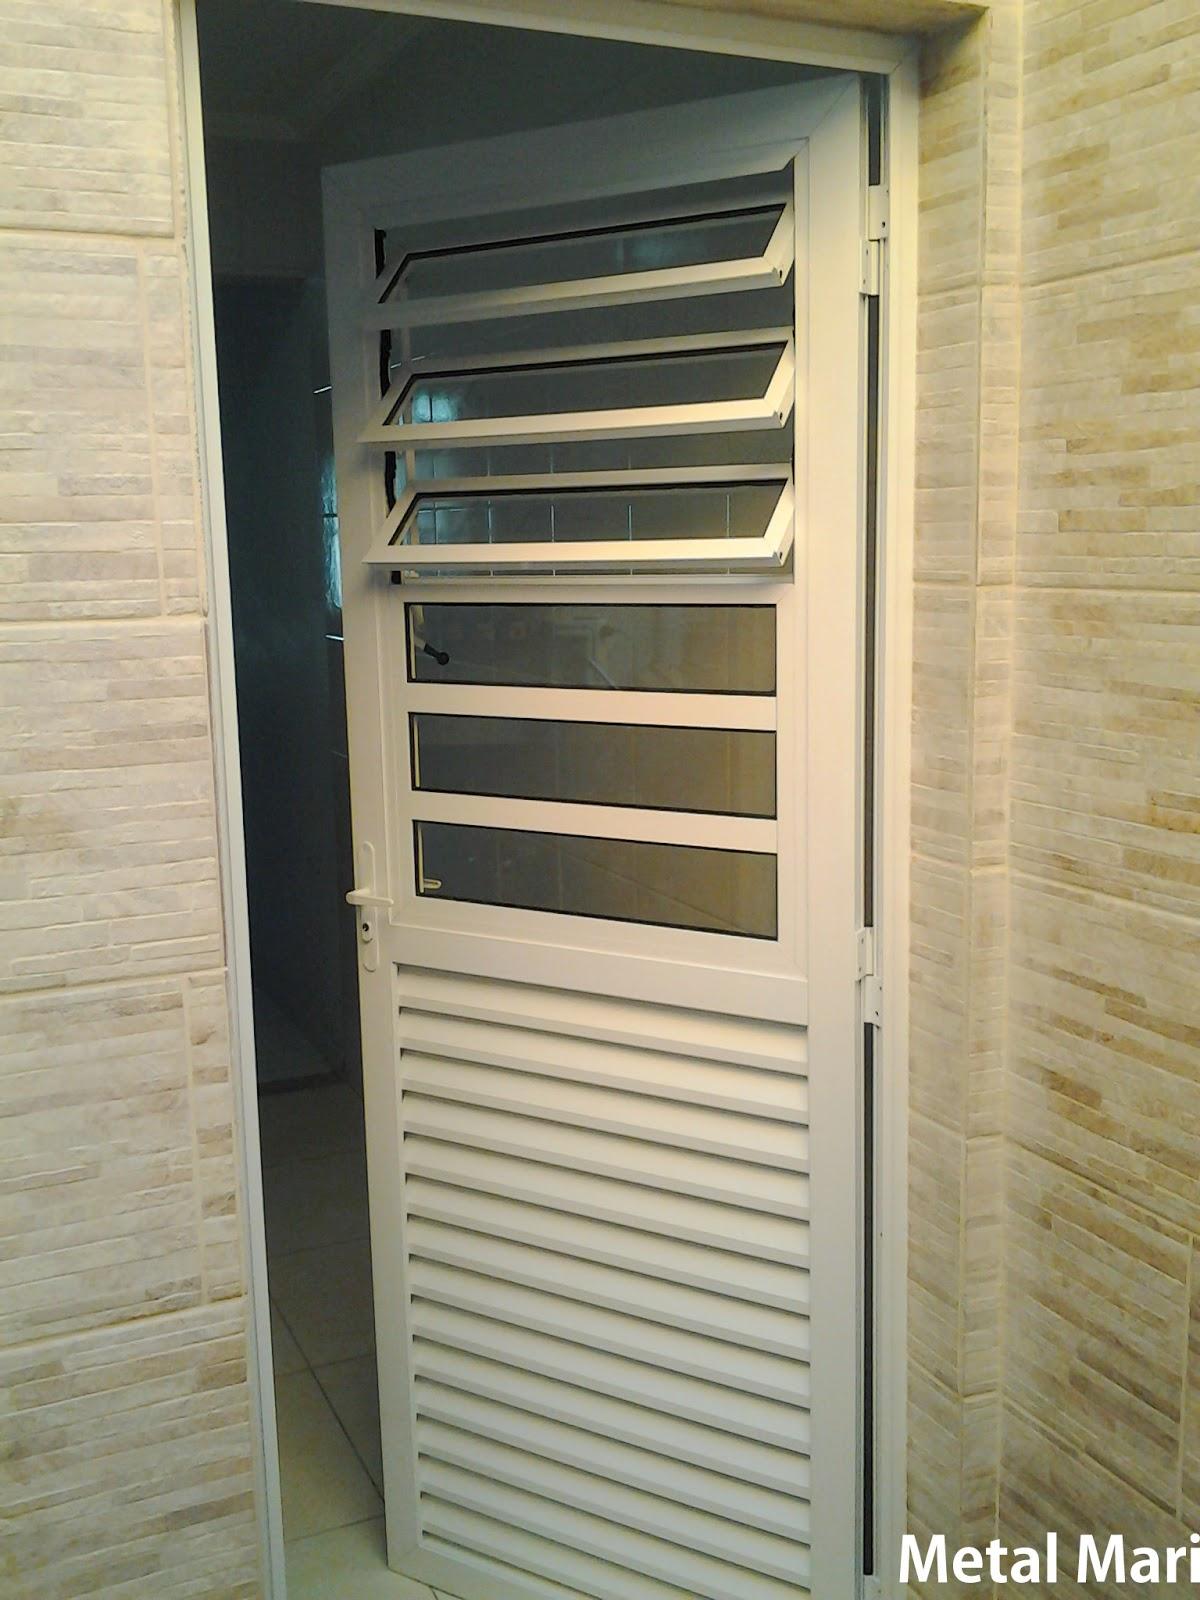 #8B7340 Metal Mari Esquadrias : Porta de alumínio com basculante (Metal Mari) 1114 Portas E Janelas De Aluminio Para Cozinha